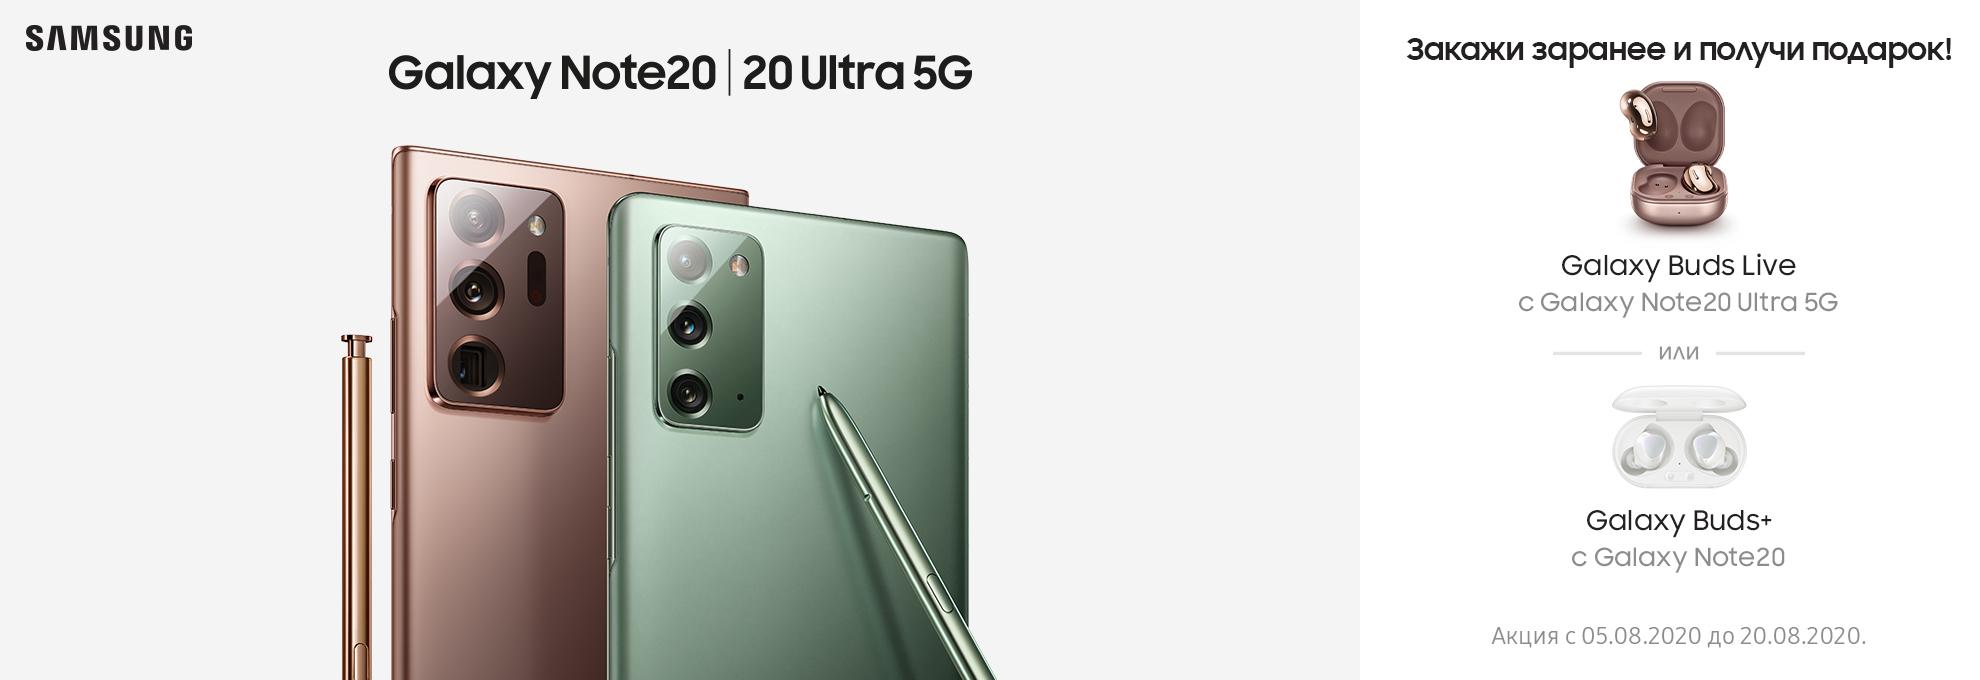 MP Сделай предзаказ Samsung Galaxy Note20 или Note20 Ultra 5G и получи в подарок беспроводные наушники Samsung!